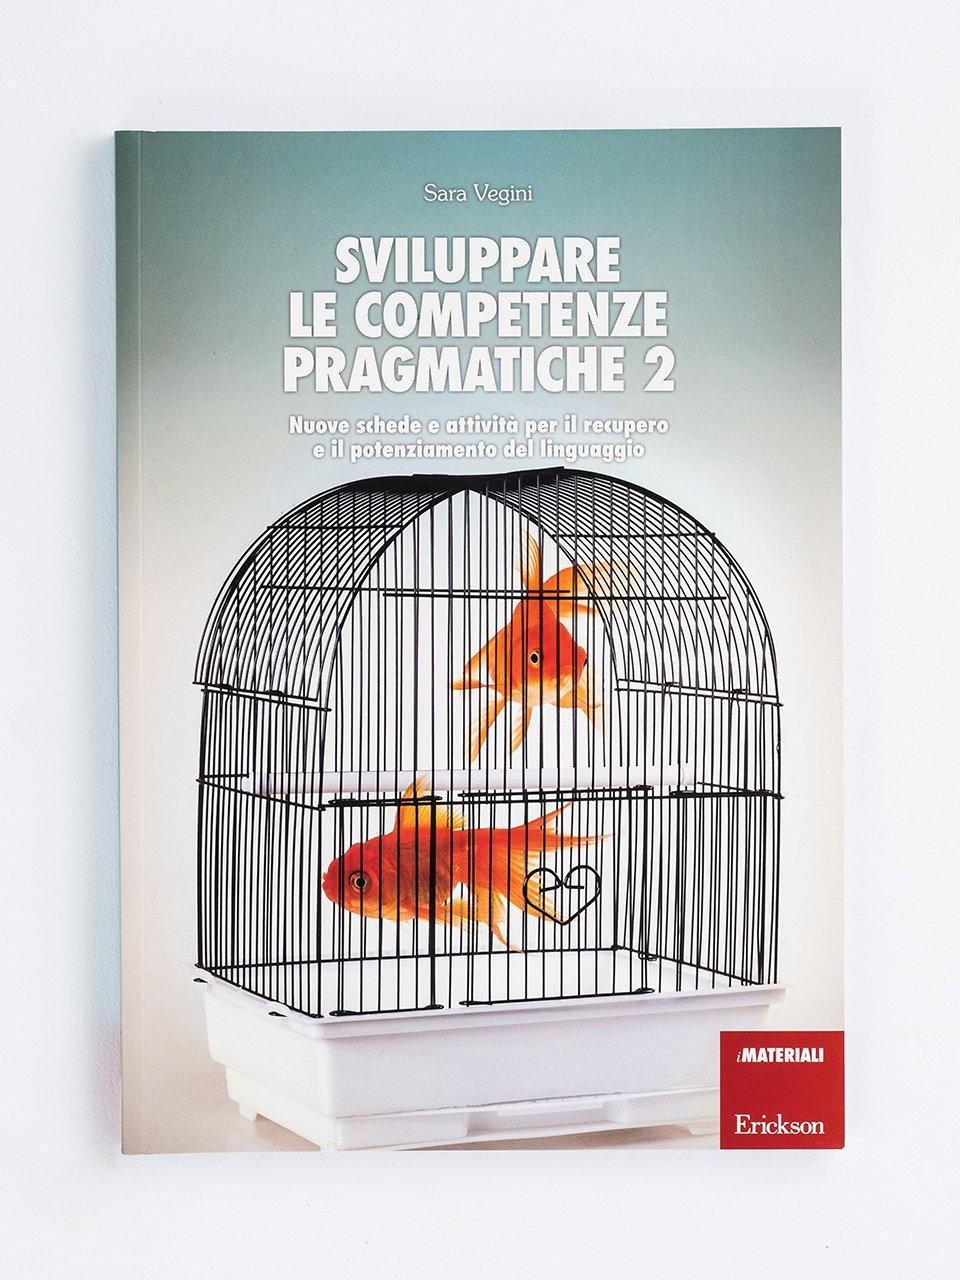 Sviluppare le competenze pragmatiche - Volume 2 - Sviluppare le competenze pragmatiche - Volume 1 - Libri - App e software - Erickson